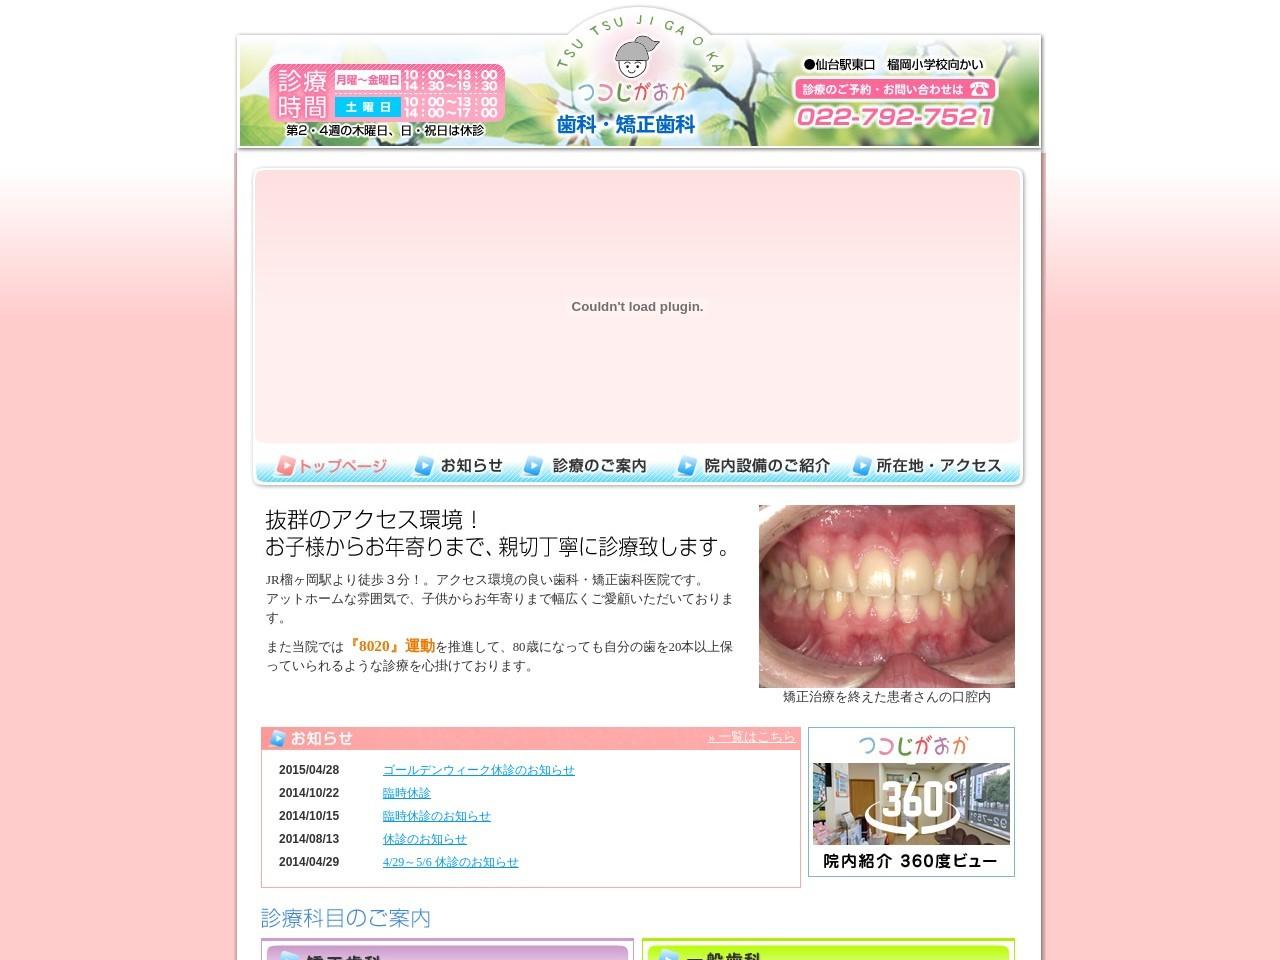 つつじがおか歯科・矯正歯科 (宮城県仙台市宮城野区)